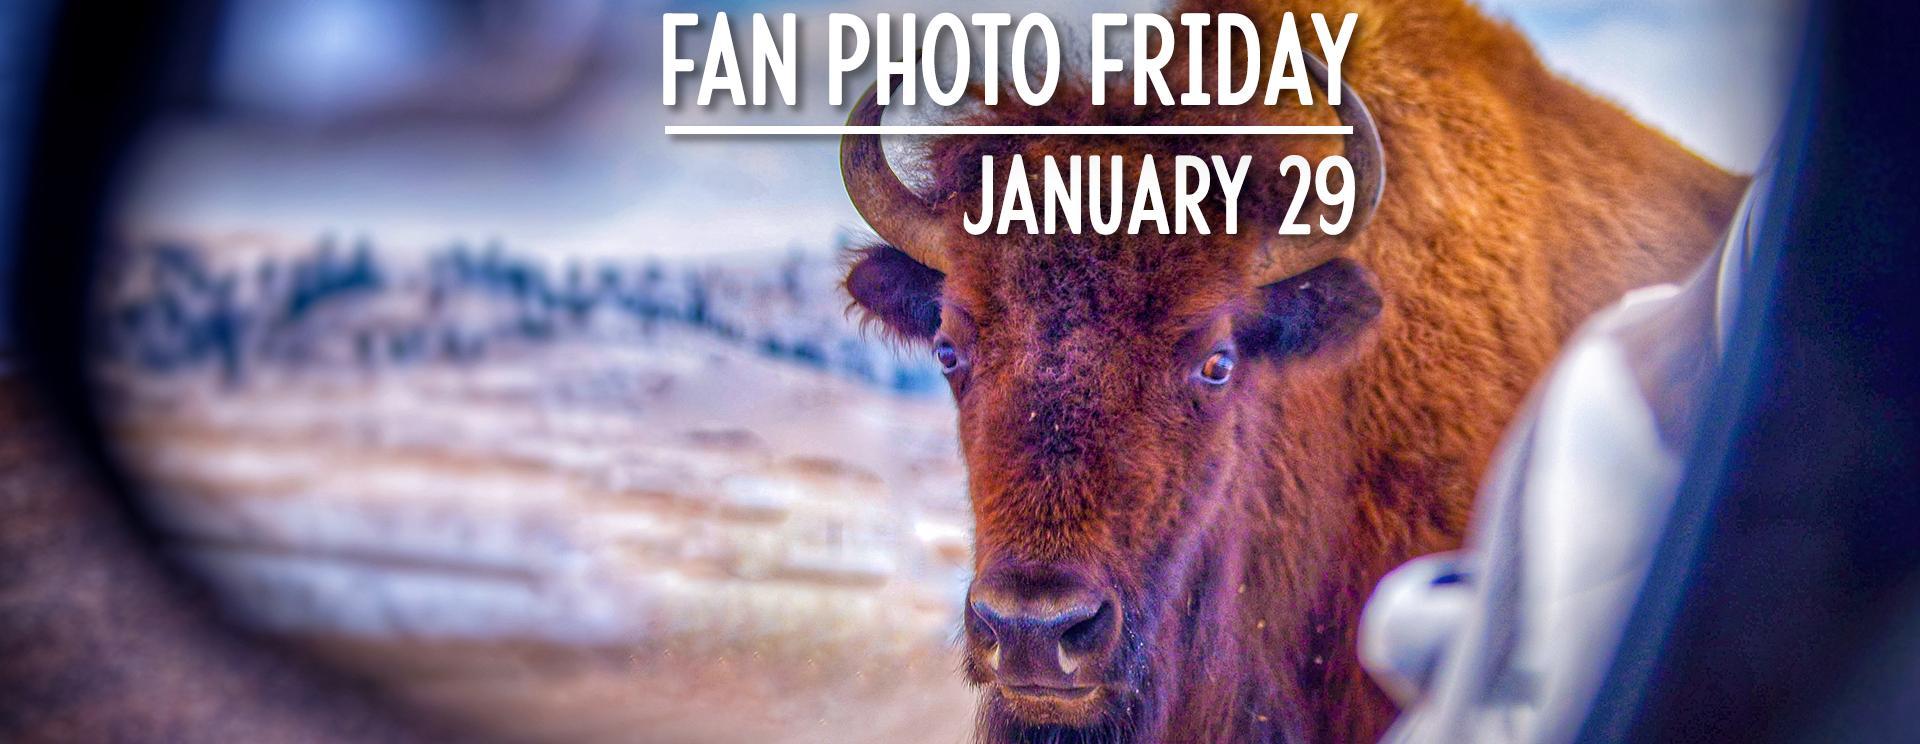 Fan Photo Friday   January 29, 2021